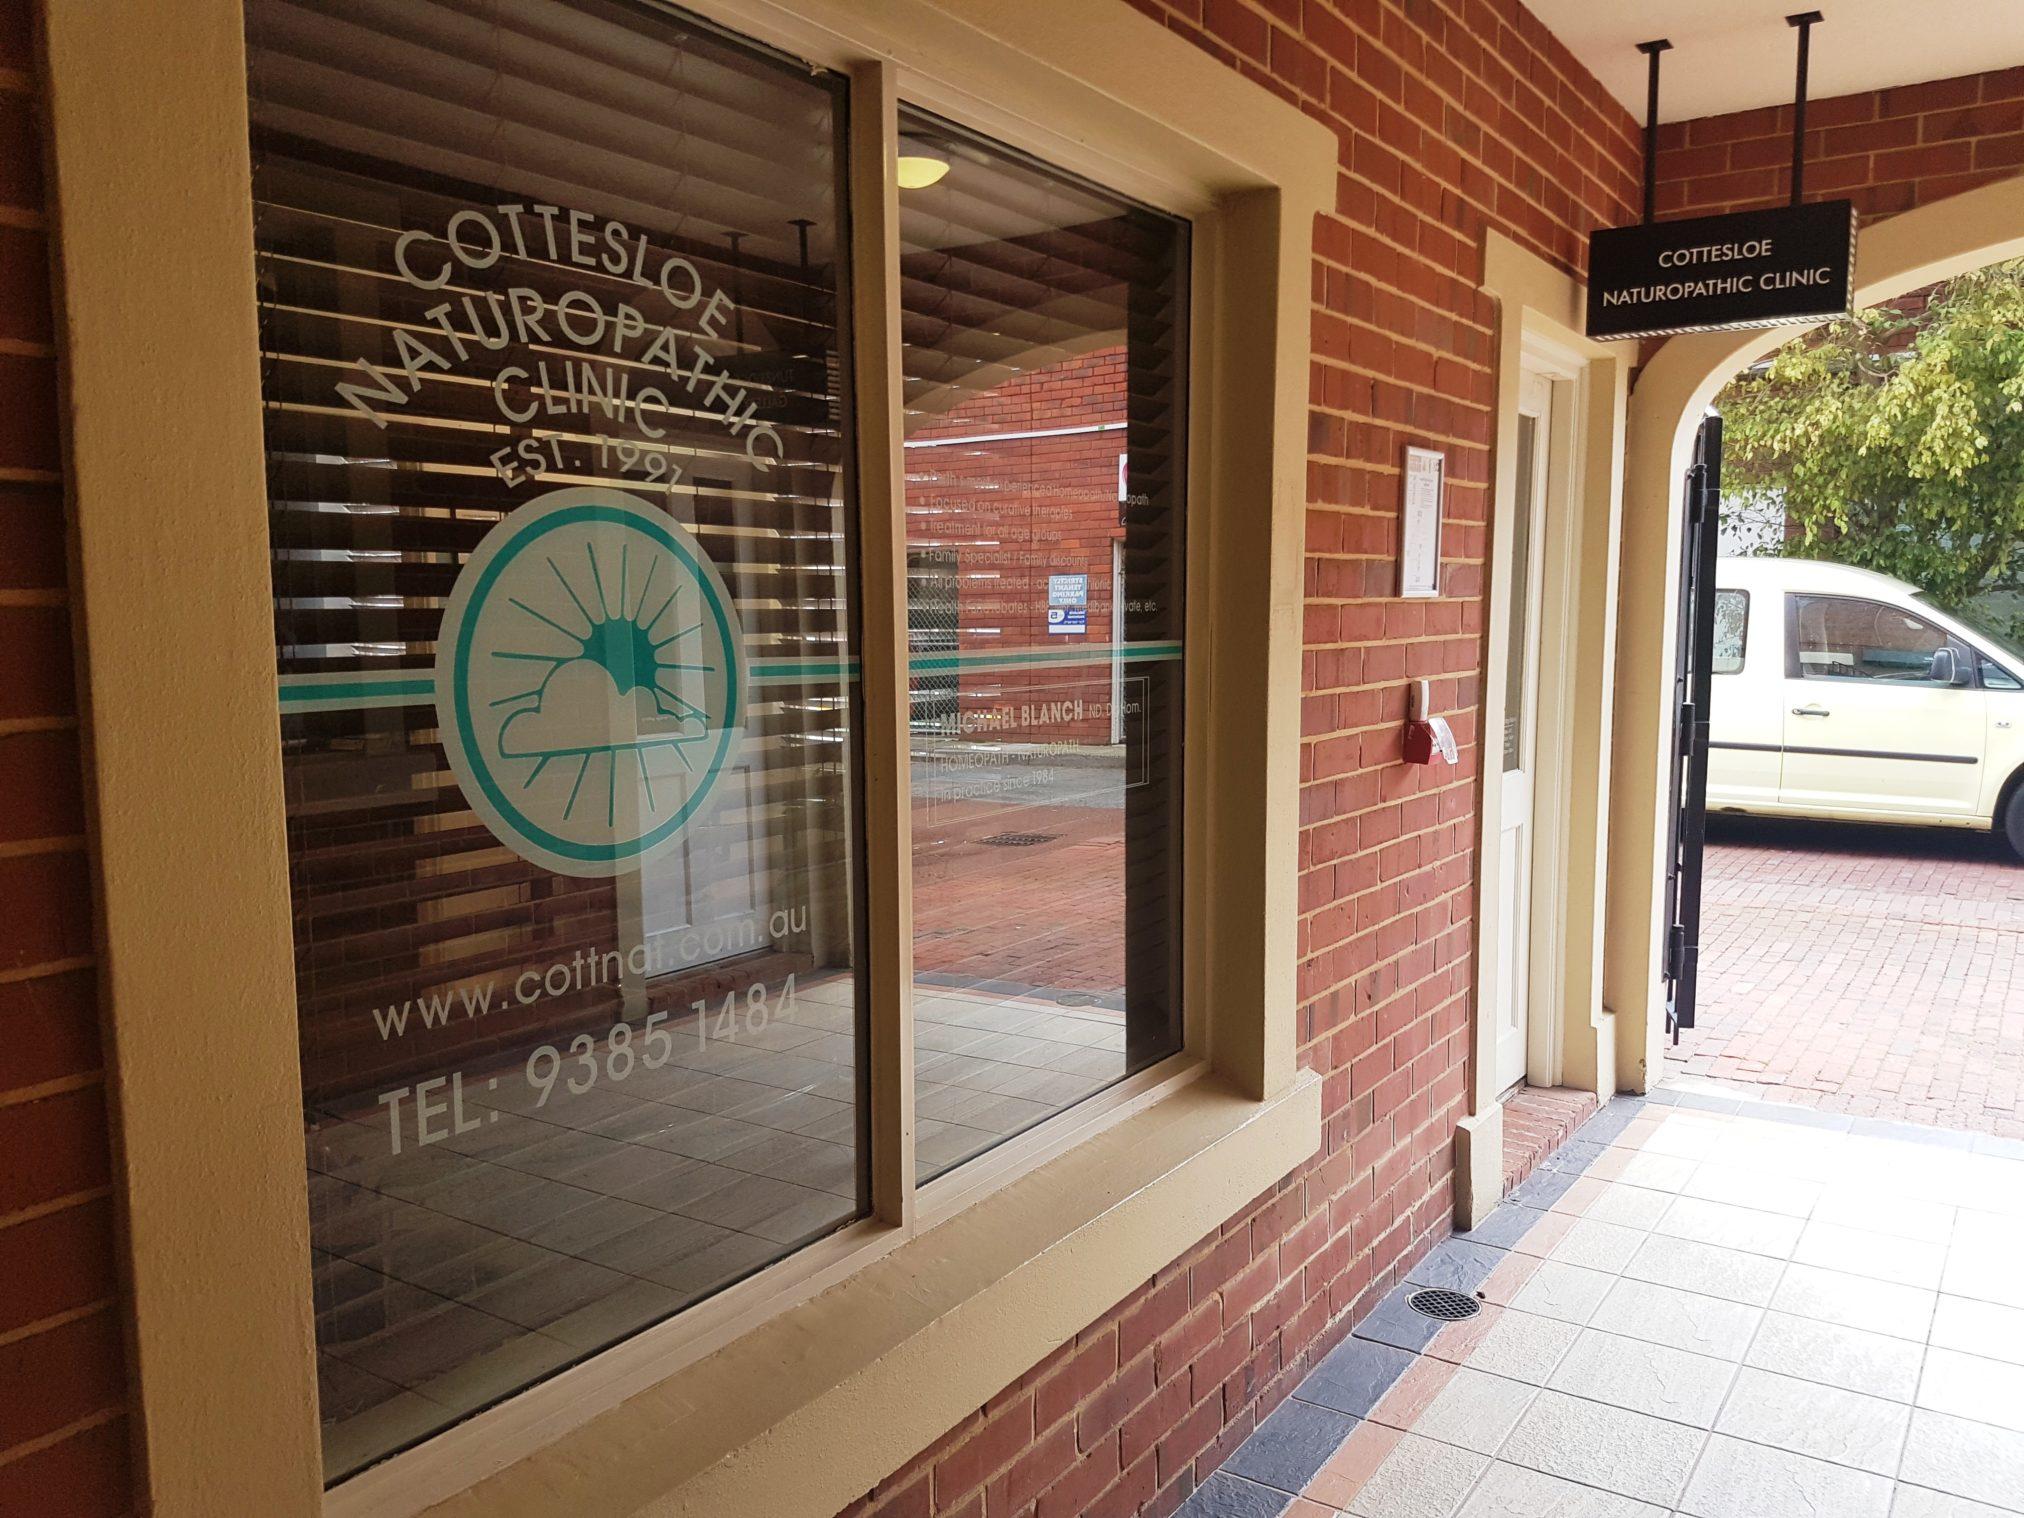 Perth naturopath homeopath clinic